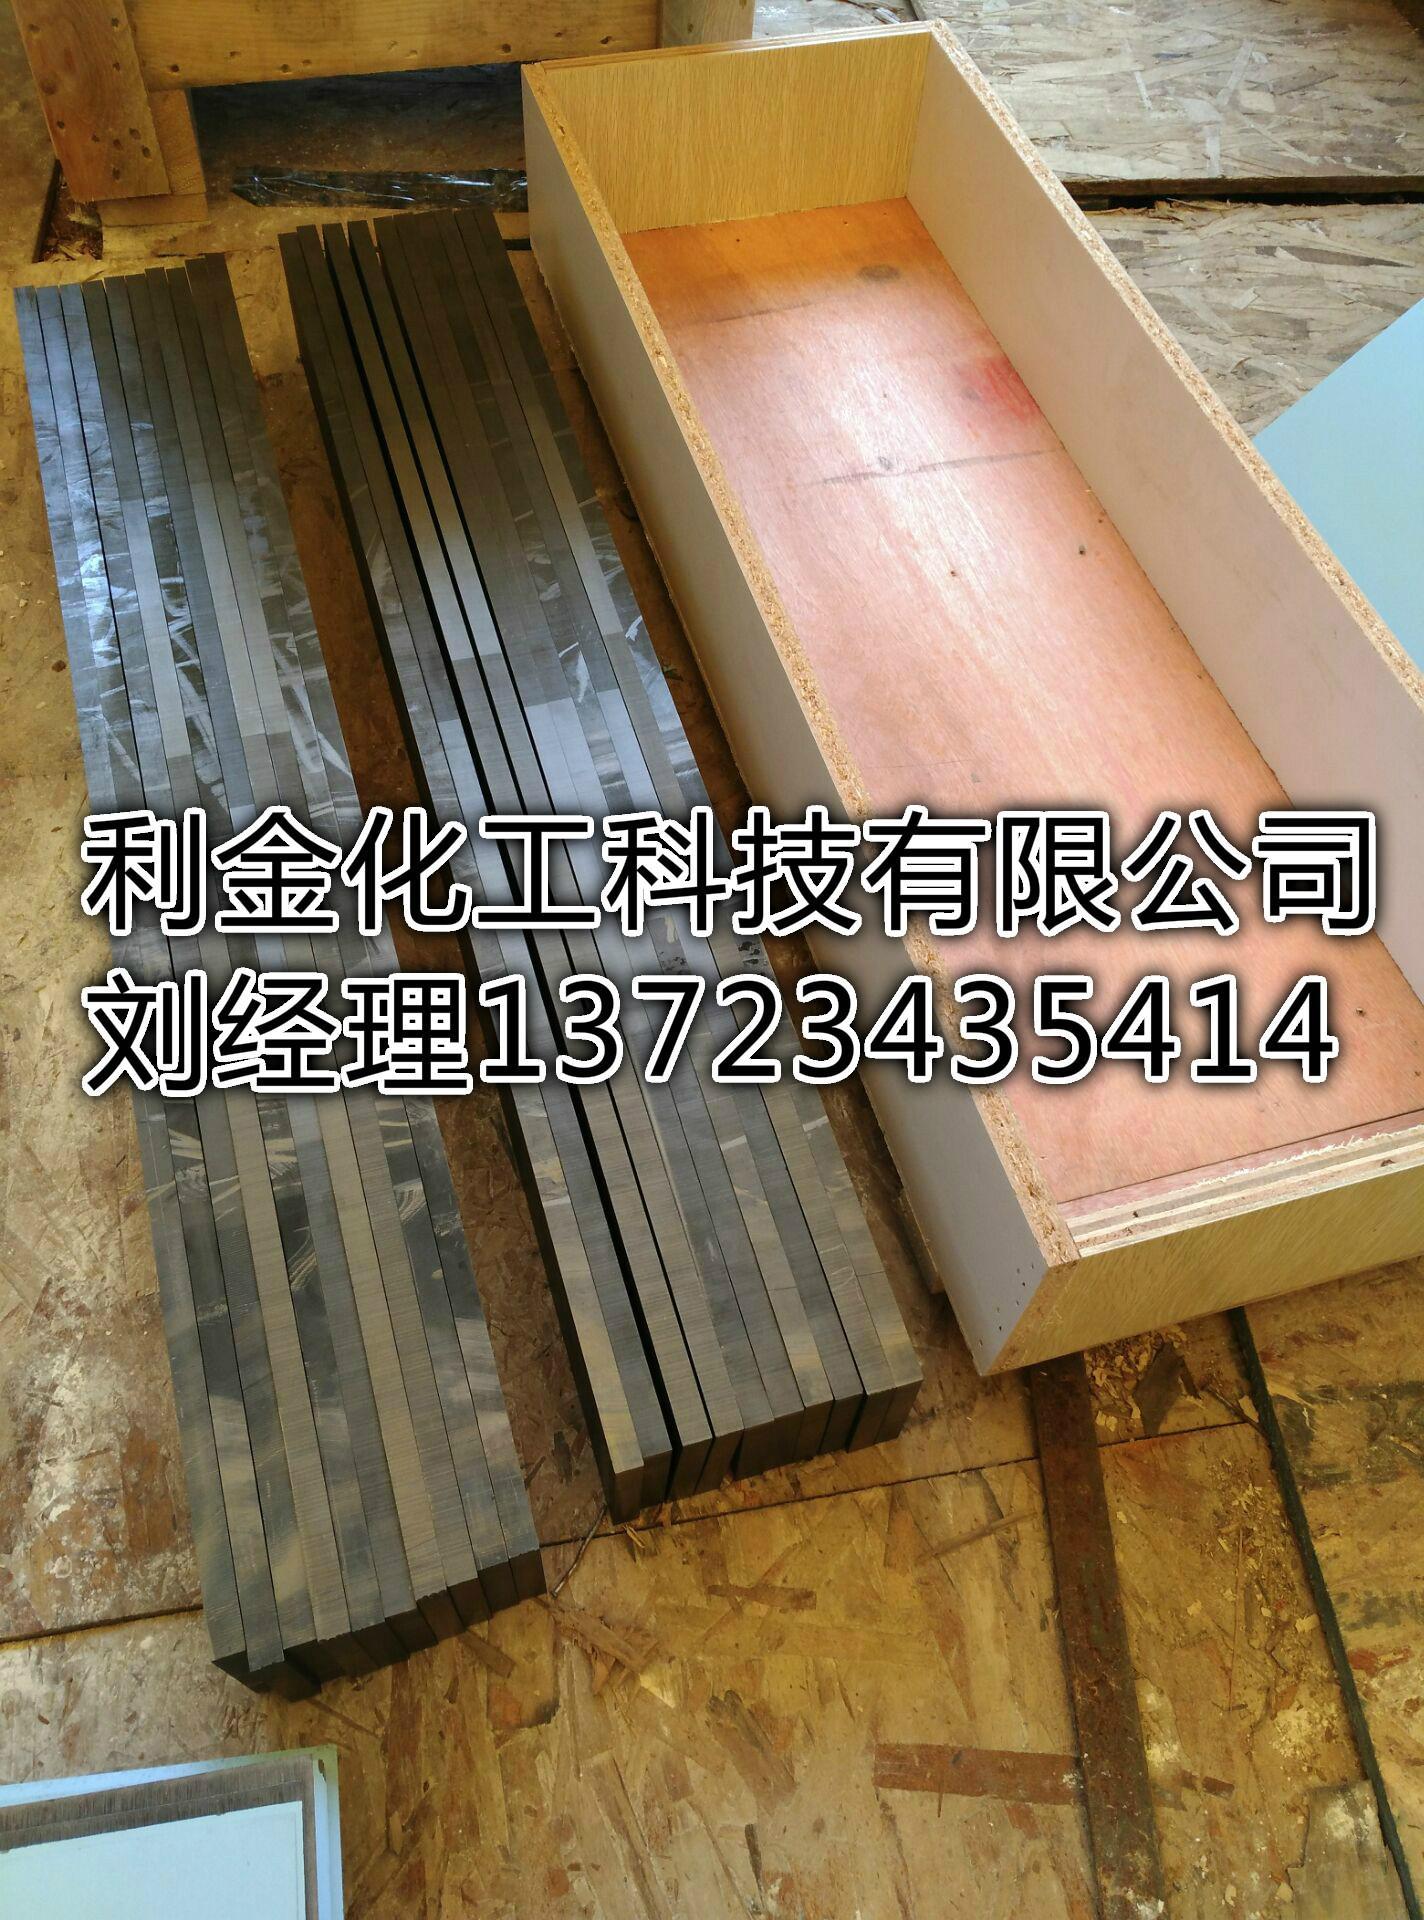 三價鉻進口陽極碳板 1